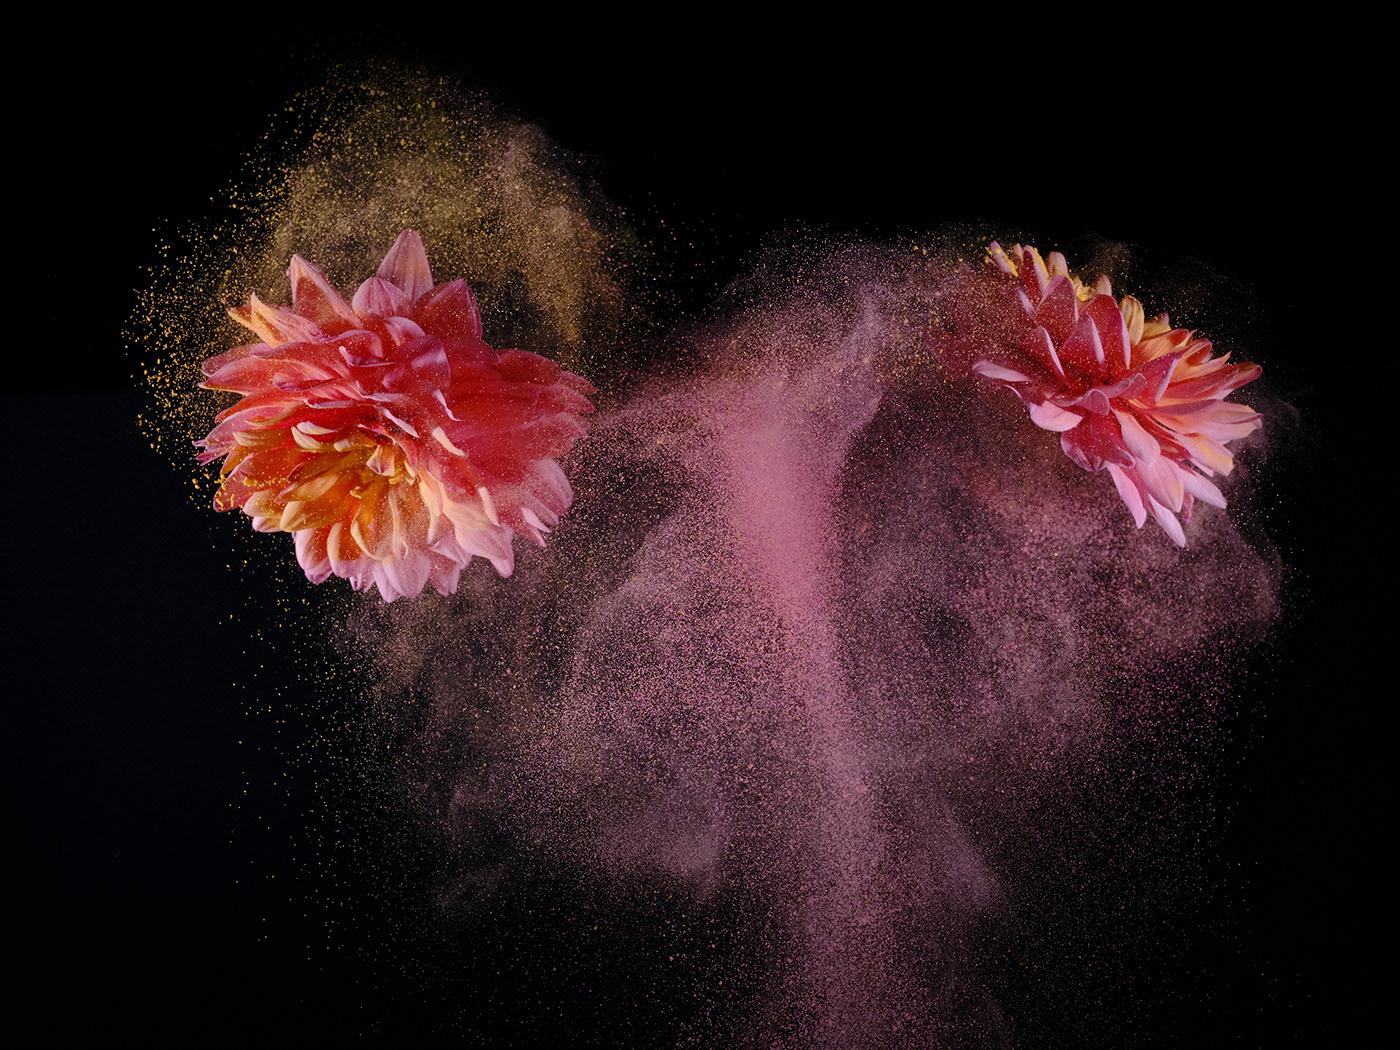 bloemen flower flowerart flowerpower Flowers jumping MOVING Photography  still life studiophotography